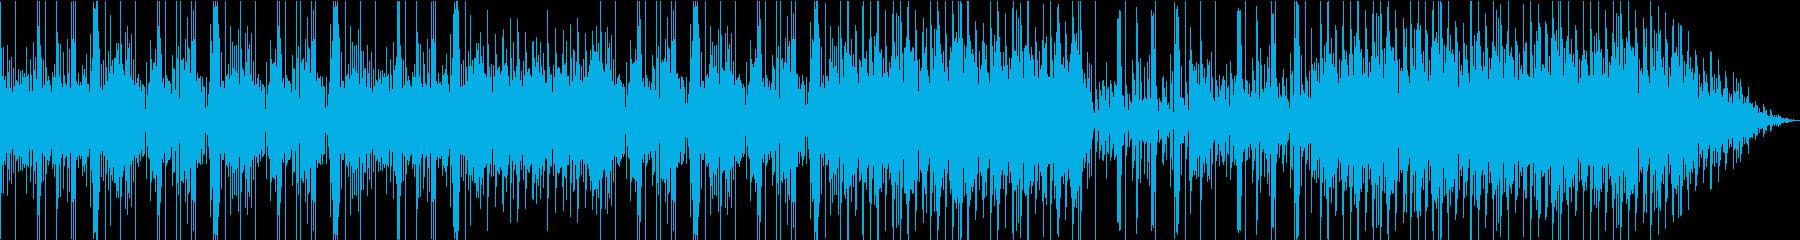 神秘の泉の再生済みの波形